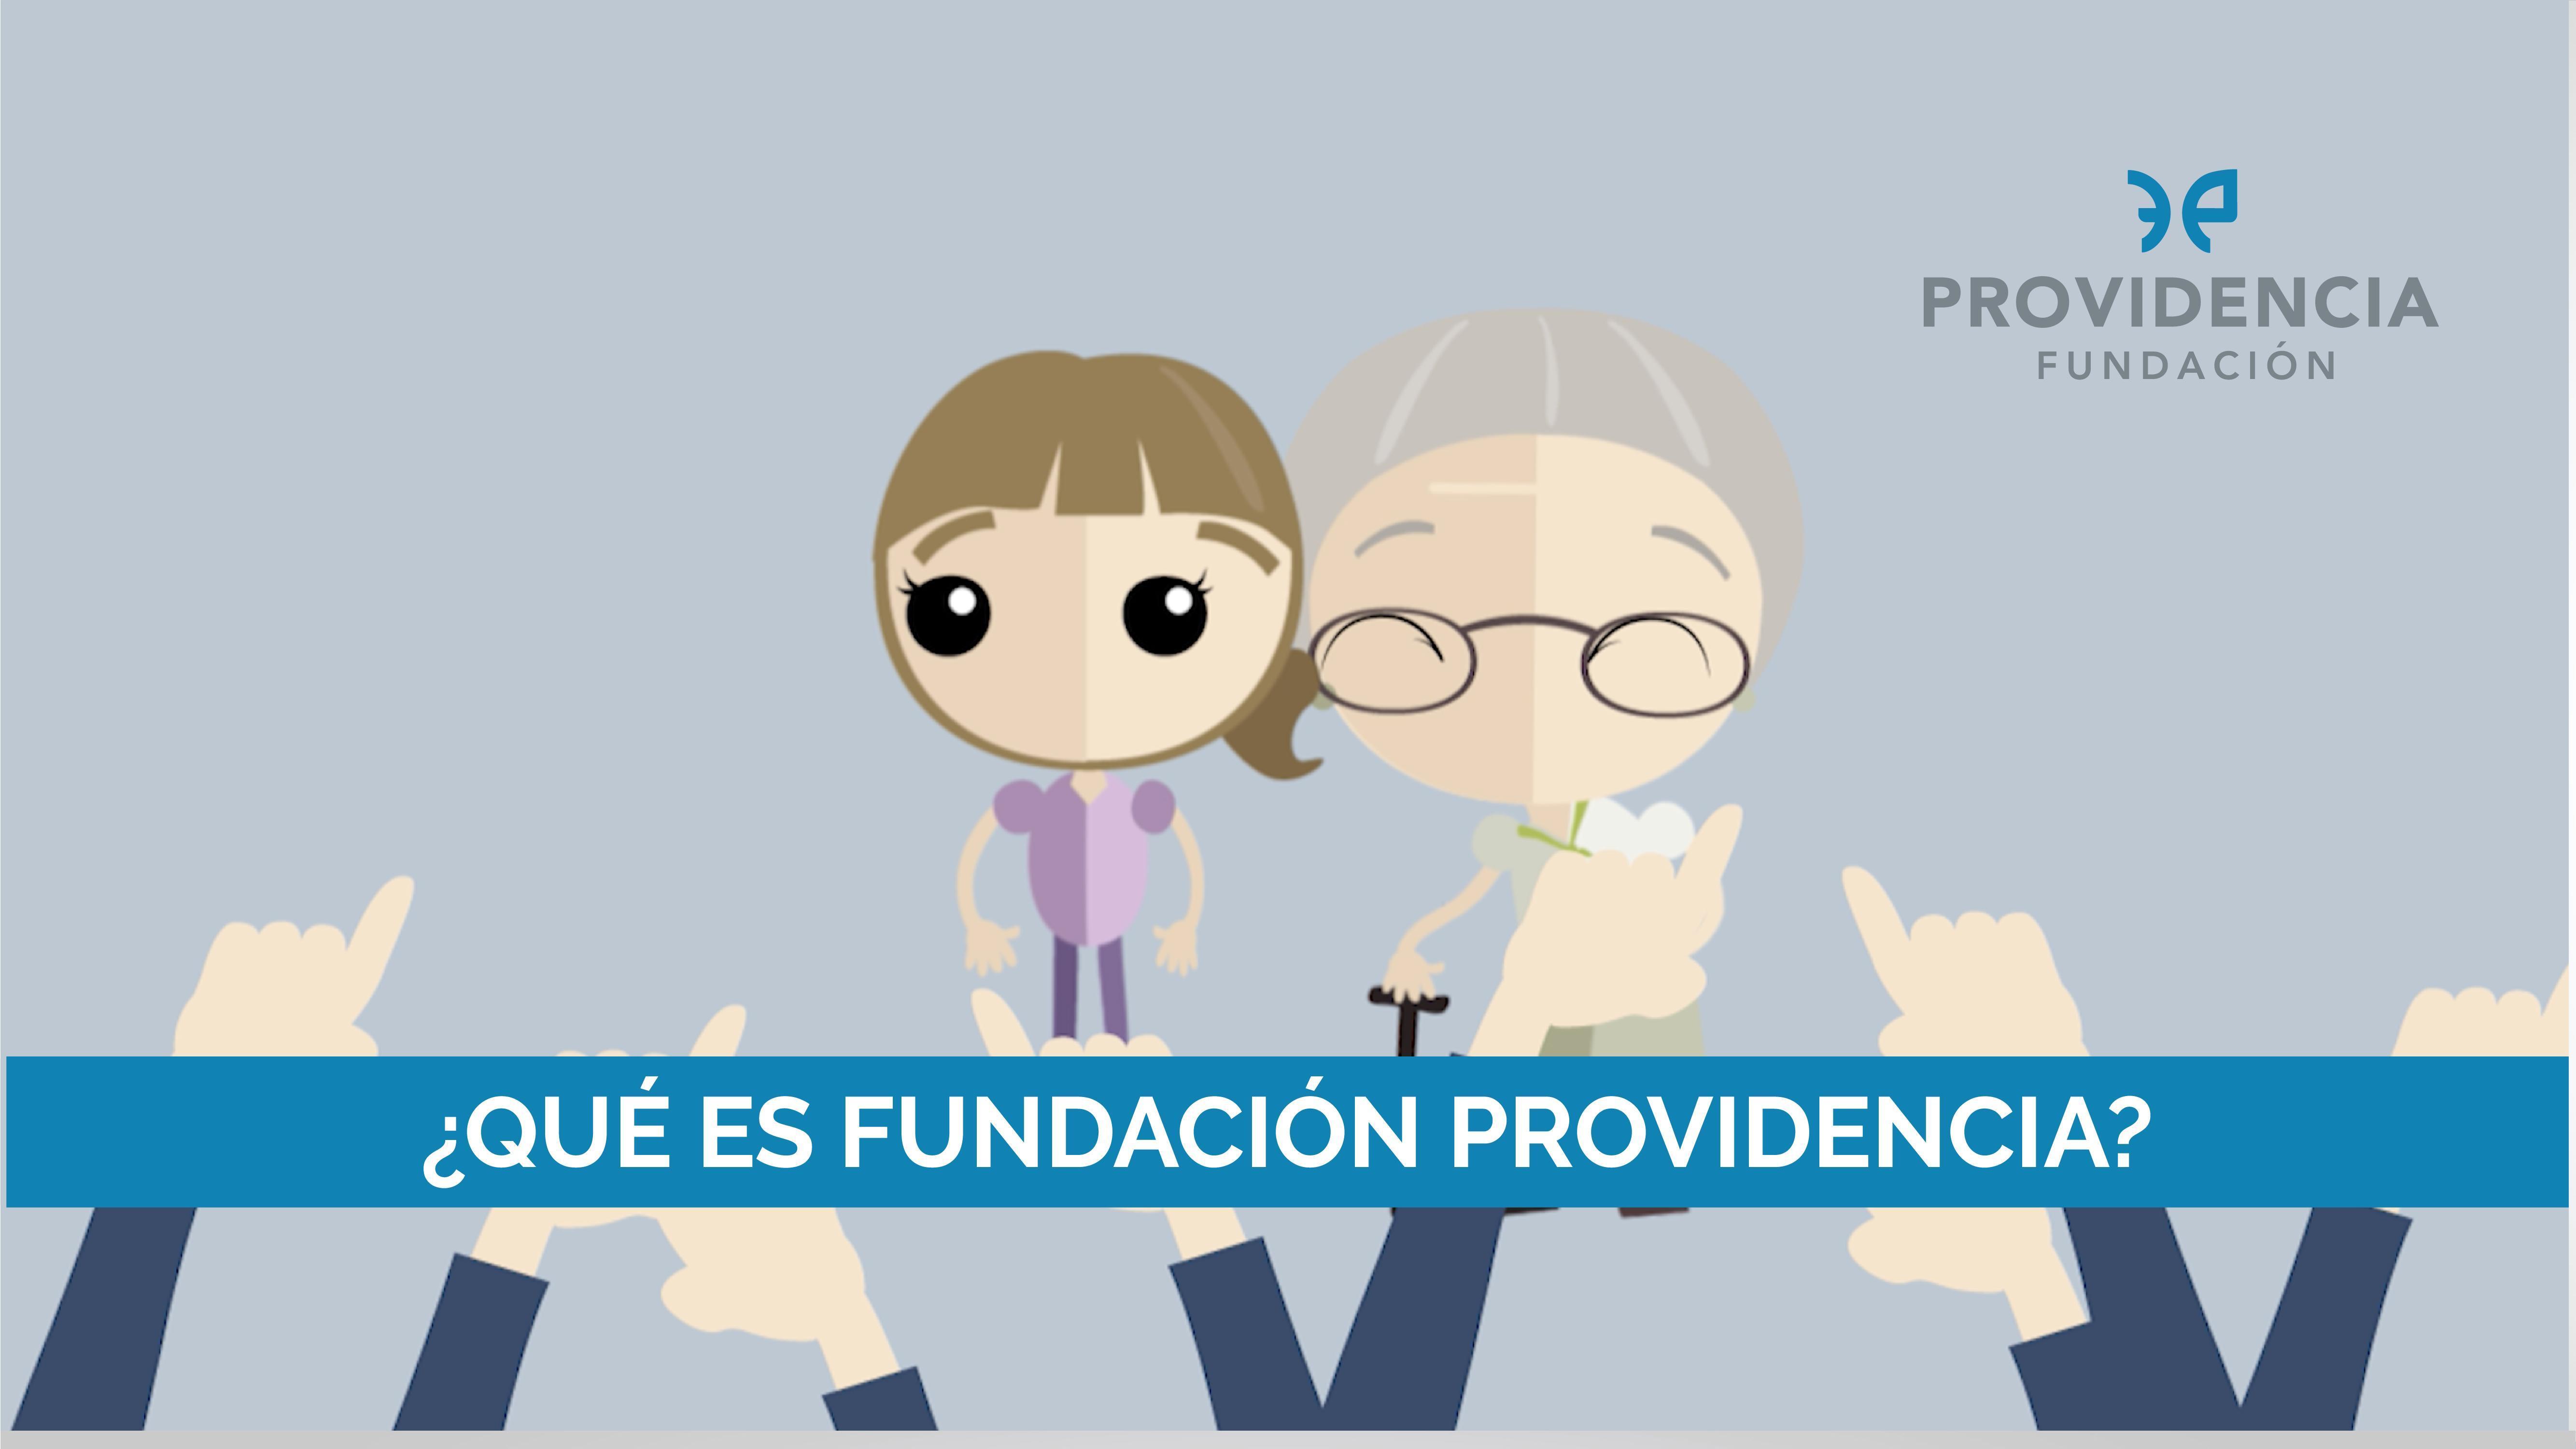 ¿Qué es Fundación Providencia?